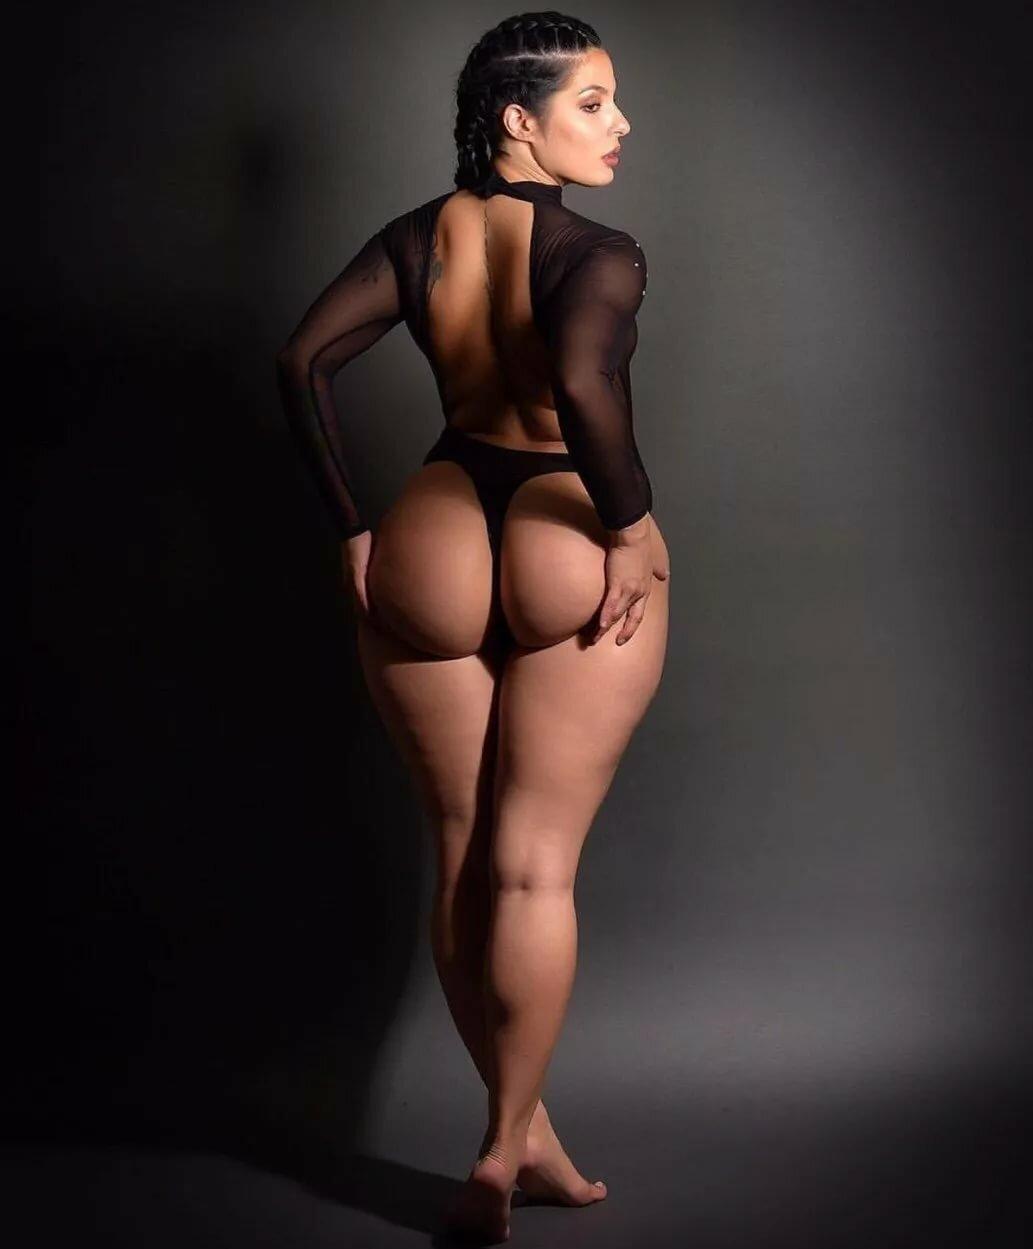 Large butt girls naked